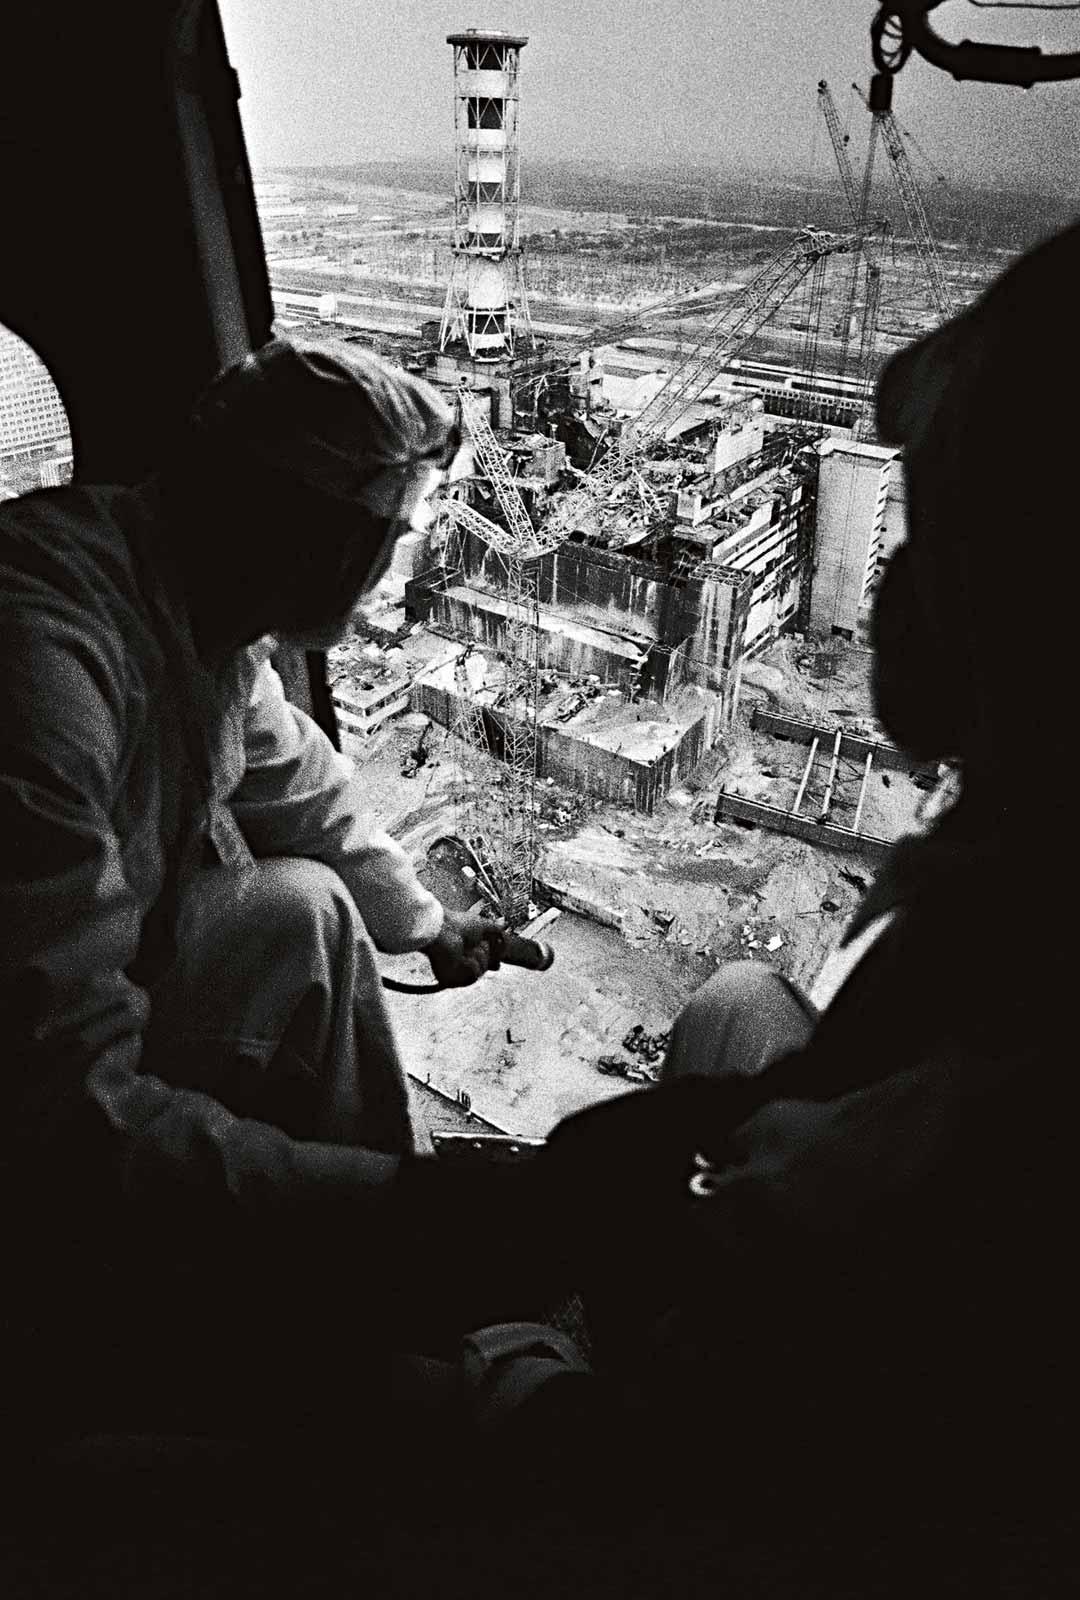 Säteilyturvakeskuksen tietojen mukaan vuoteen 2005 mennessä Ukrainassa, Valko-Venäjällä ja lounais-Venäjällä oli todettu yli 3 500 Tshernobylin ydinvoimalaitosonnettomuuteen liittyvää kilpirauhassyöpää. Laskeuma ei ole havaittavasti lisännyt syöpien määrää Suomessa.